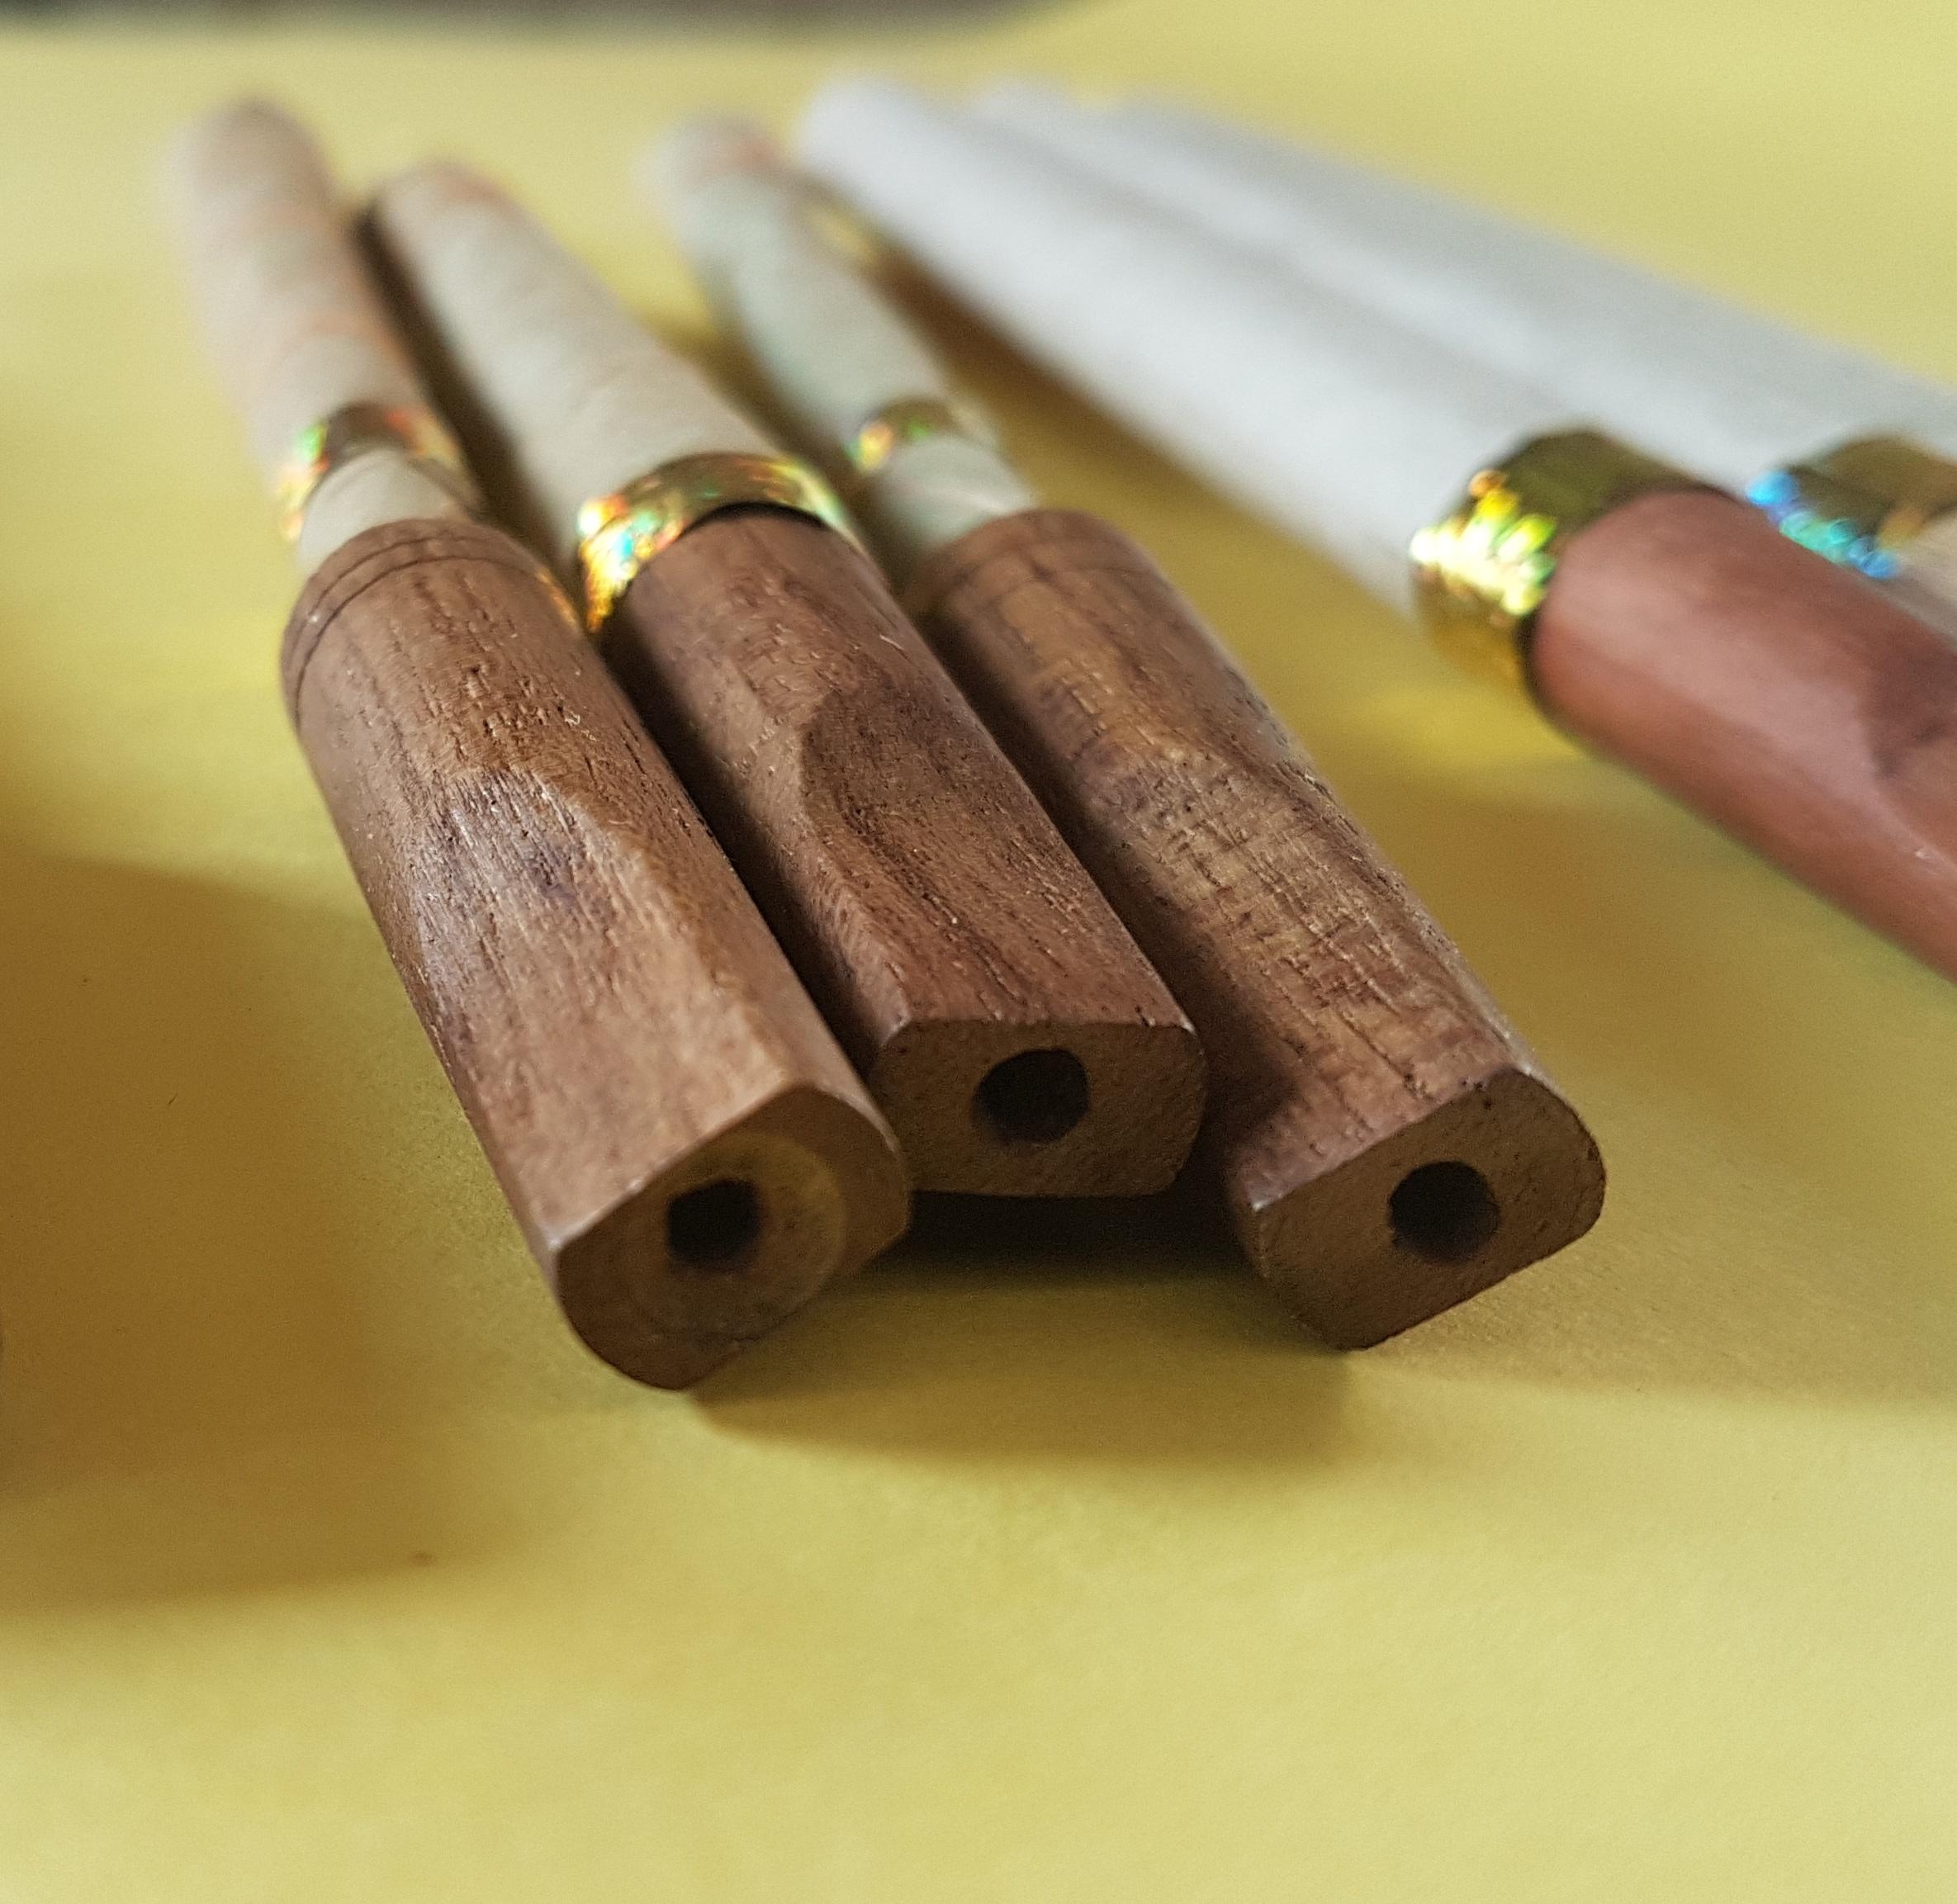 Деревянный наконечник лист предварительно свернутые конусы сигара kush ваниль Конопля ароматизированные предварительно свернутые конусы blunts Королевский blunts сырой древесины blunts